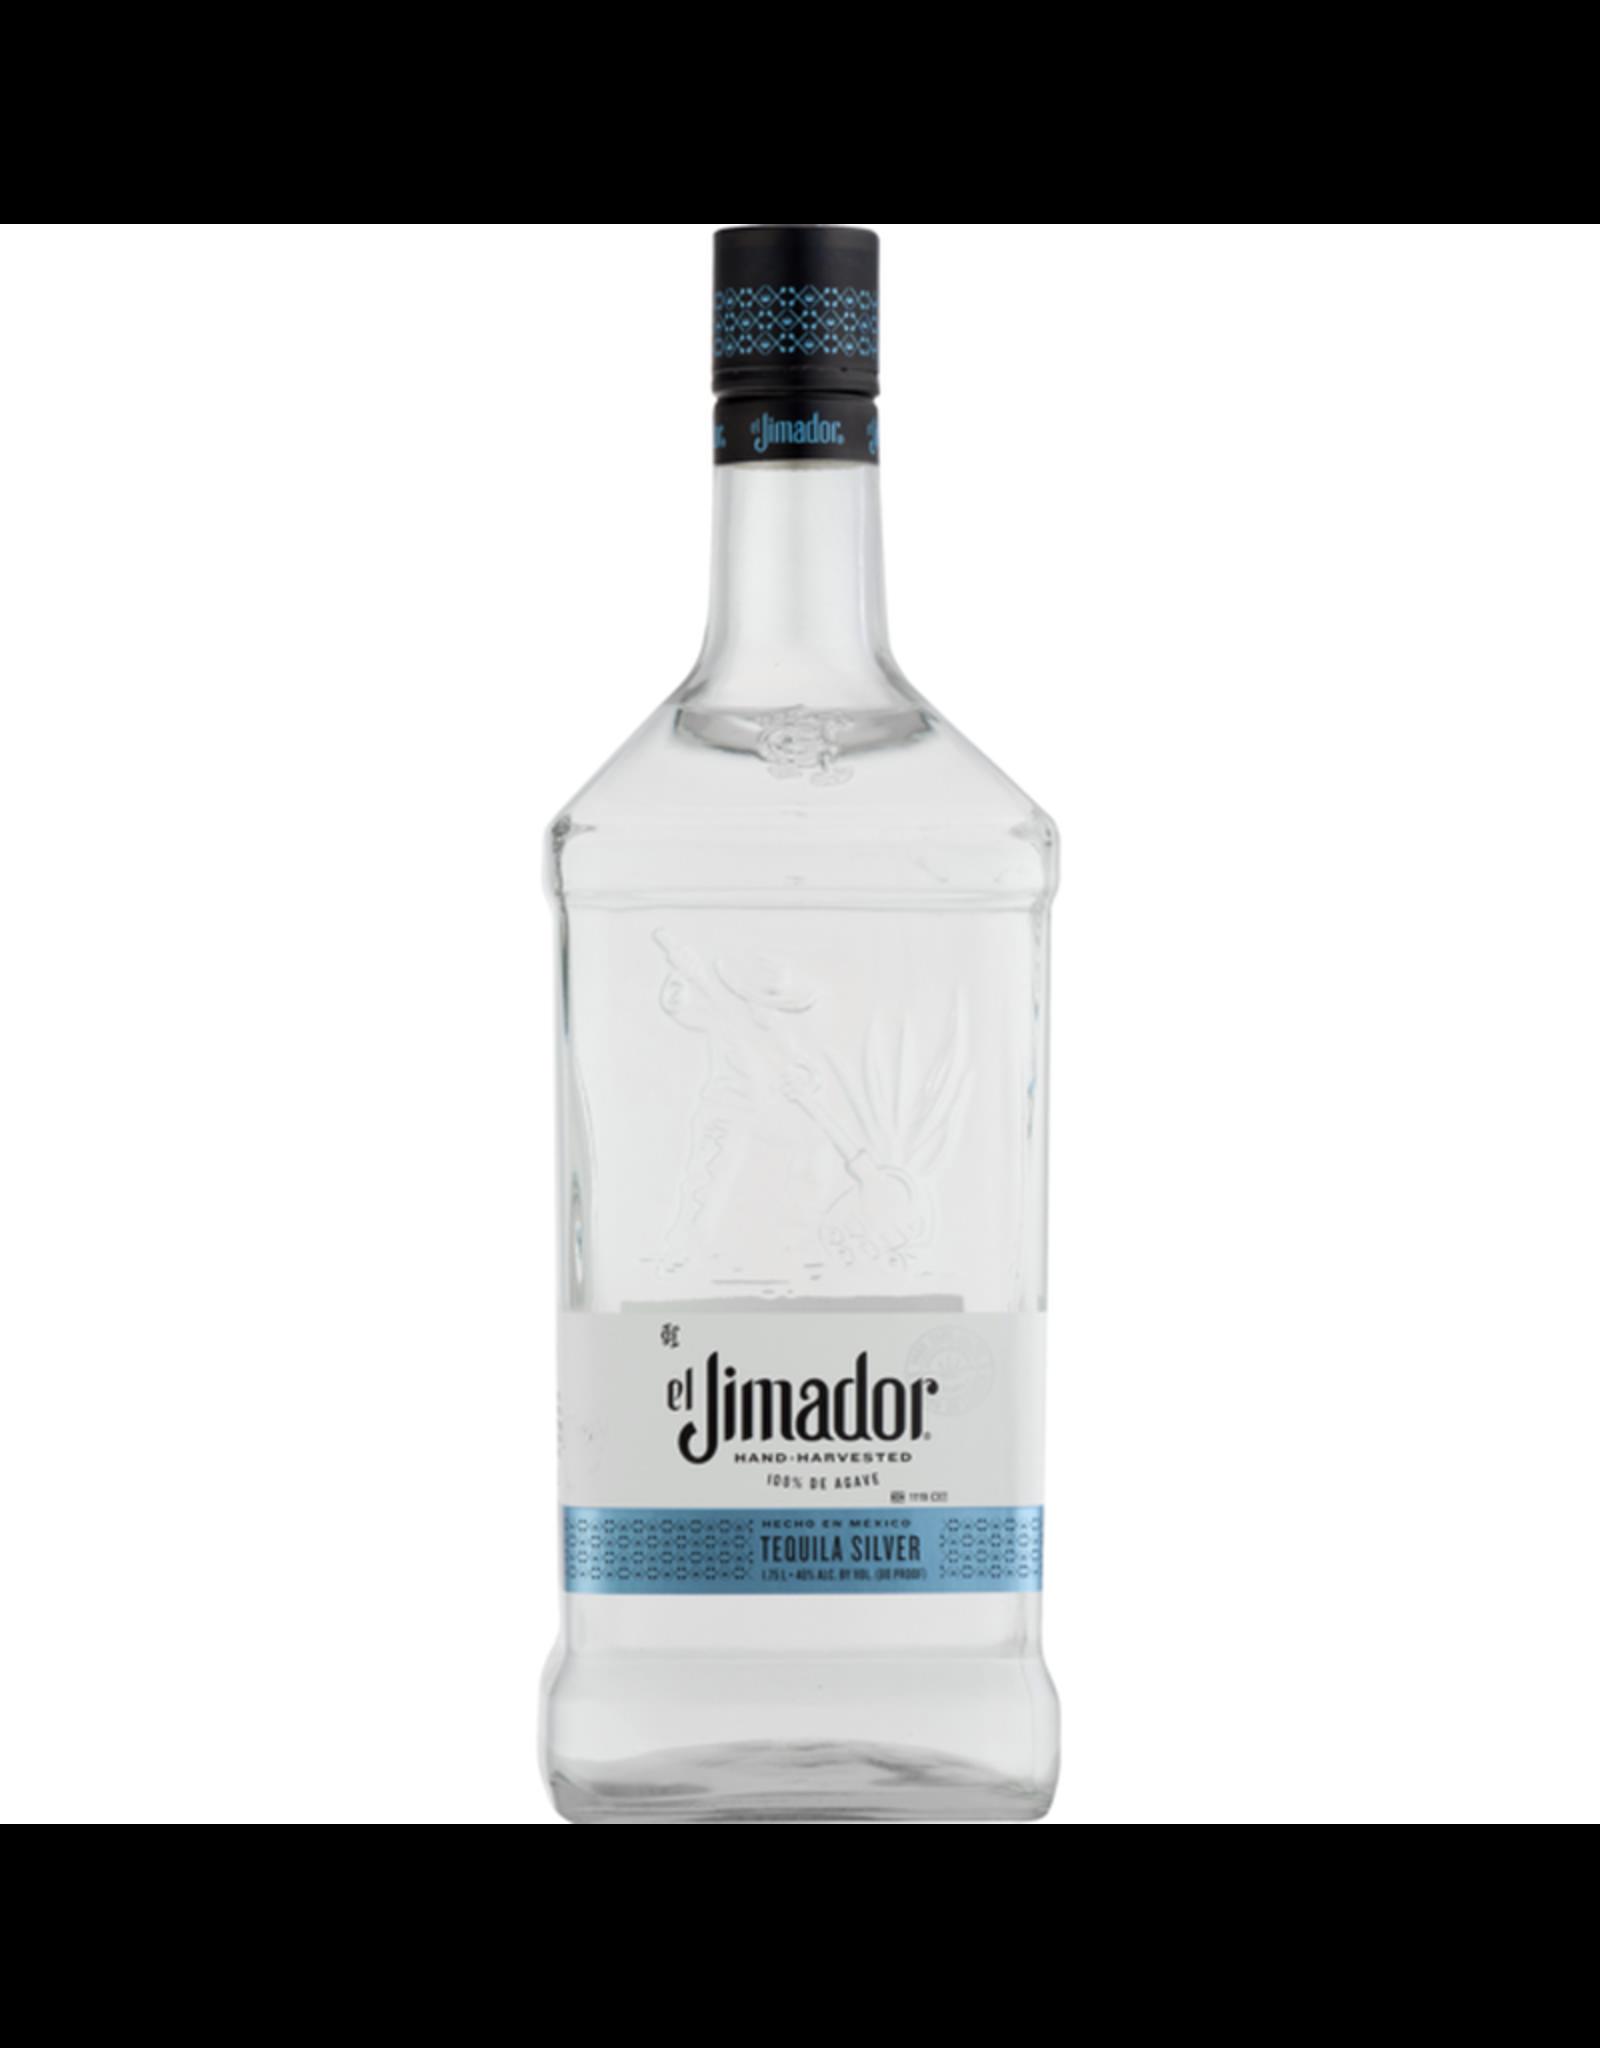 EL JIMADOR SILVER TEQUILA 1.75L